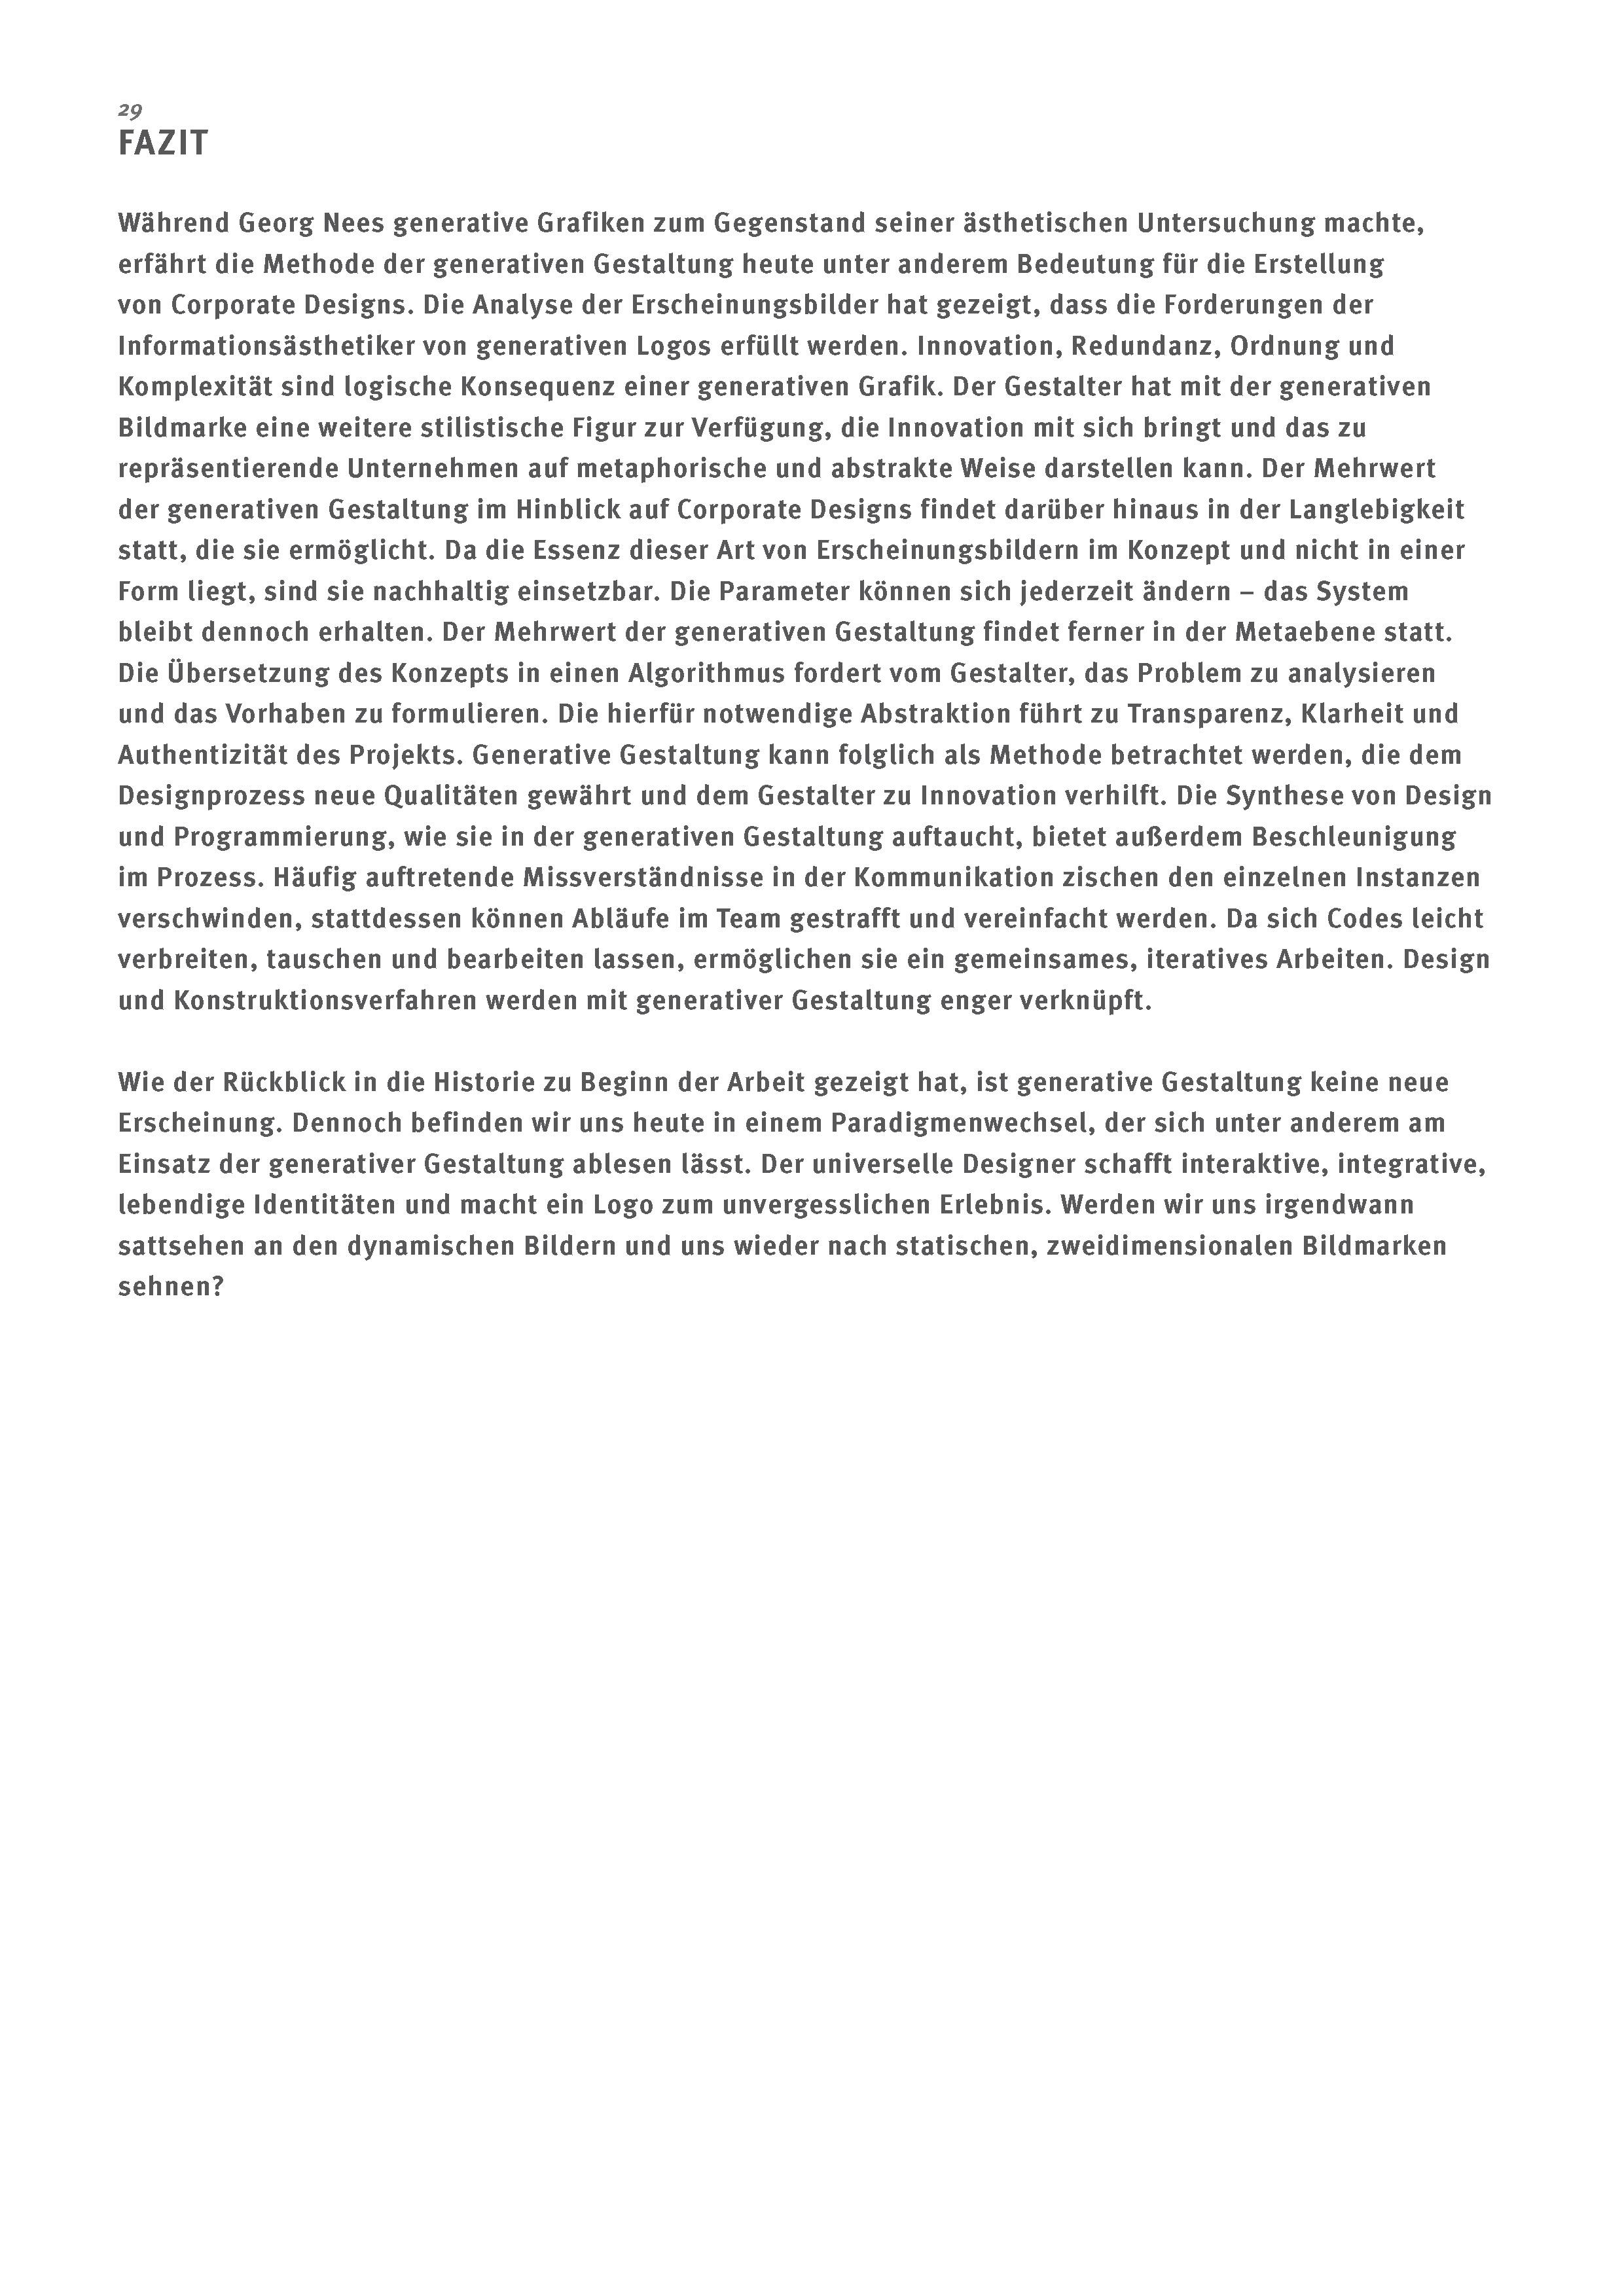 Generative Gestaltung-eine Entwurfsmethode_Einzelseiten_Seite_29.jpg